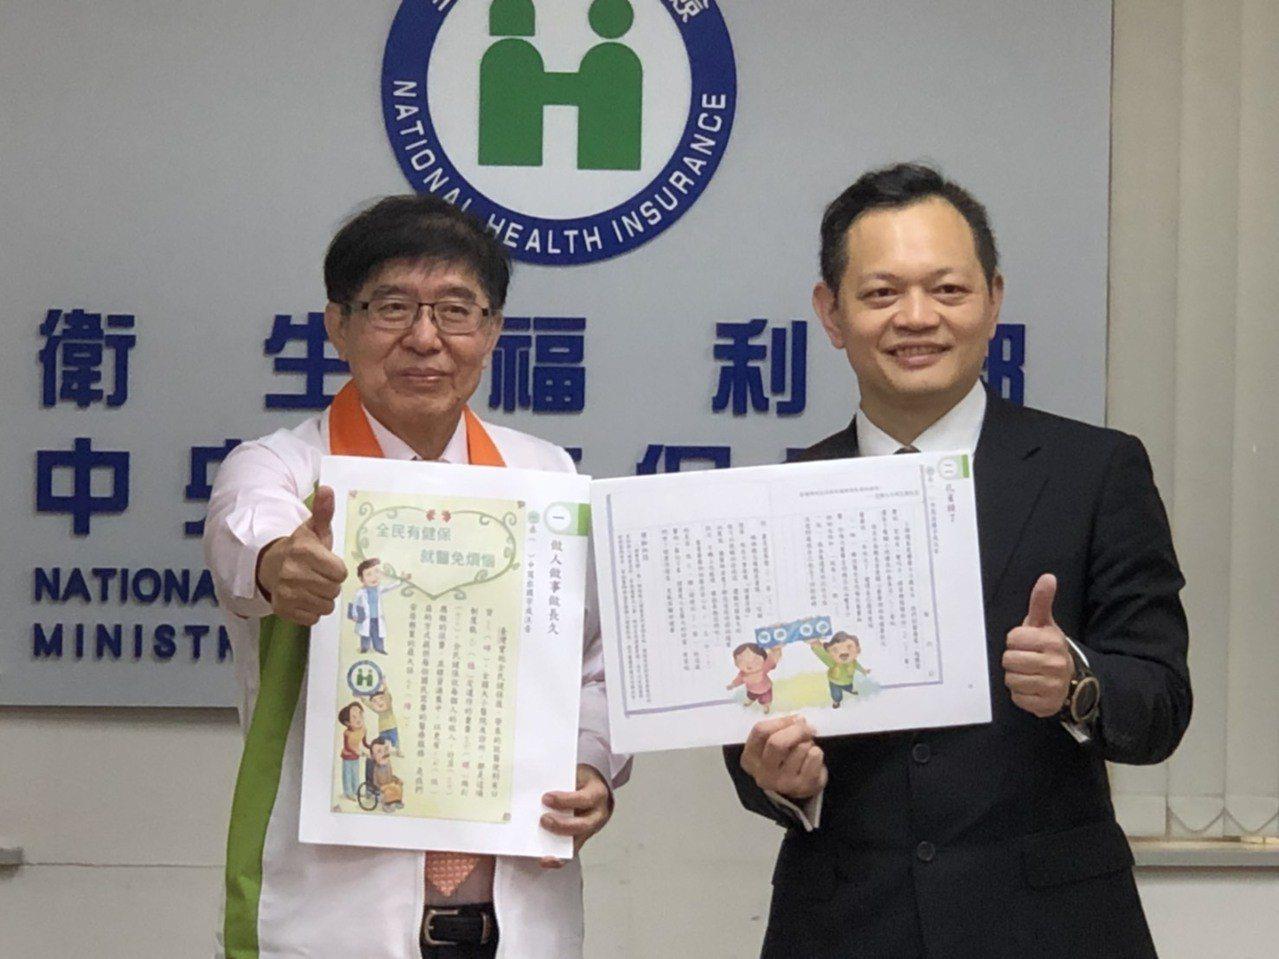 健保署署長李伯璋(左)指出,透過國小國中課程推廣分級醫療、健康存摺等健康意識,向...